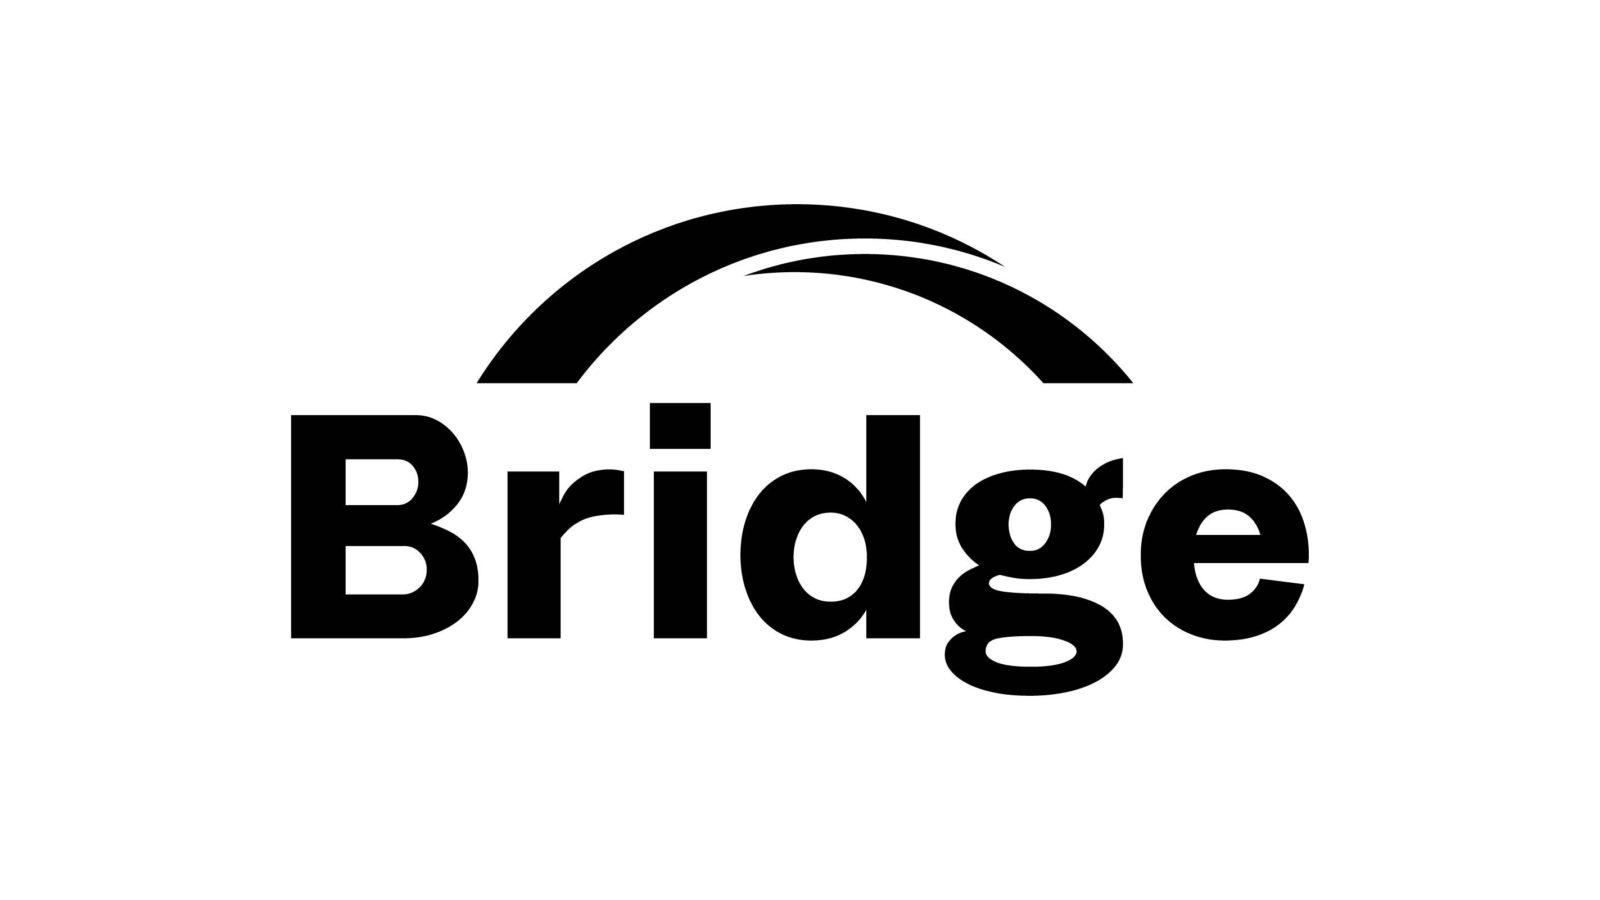 エンタテインメントに特化した共創型クラウドファンディングサービス「Bridge」がスタートサムネイル画像